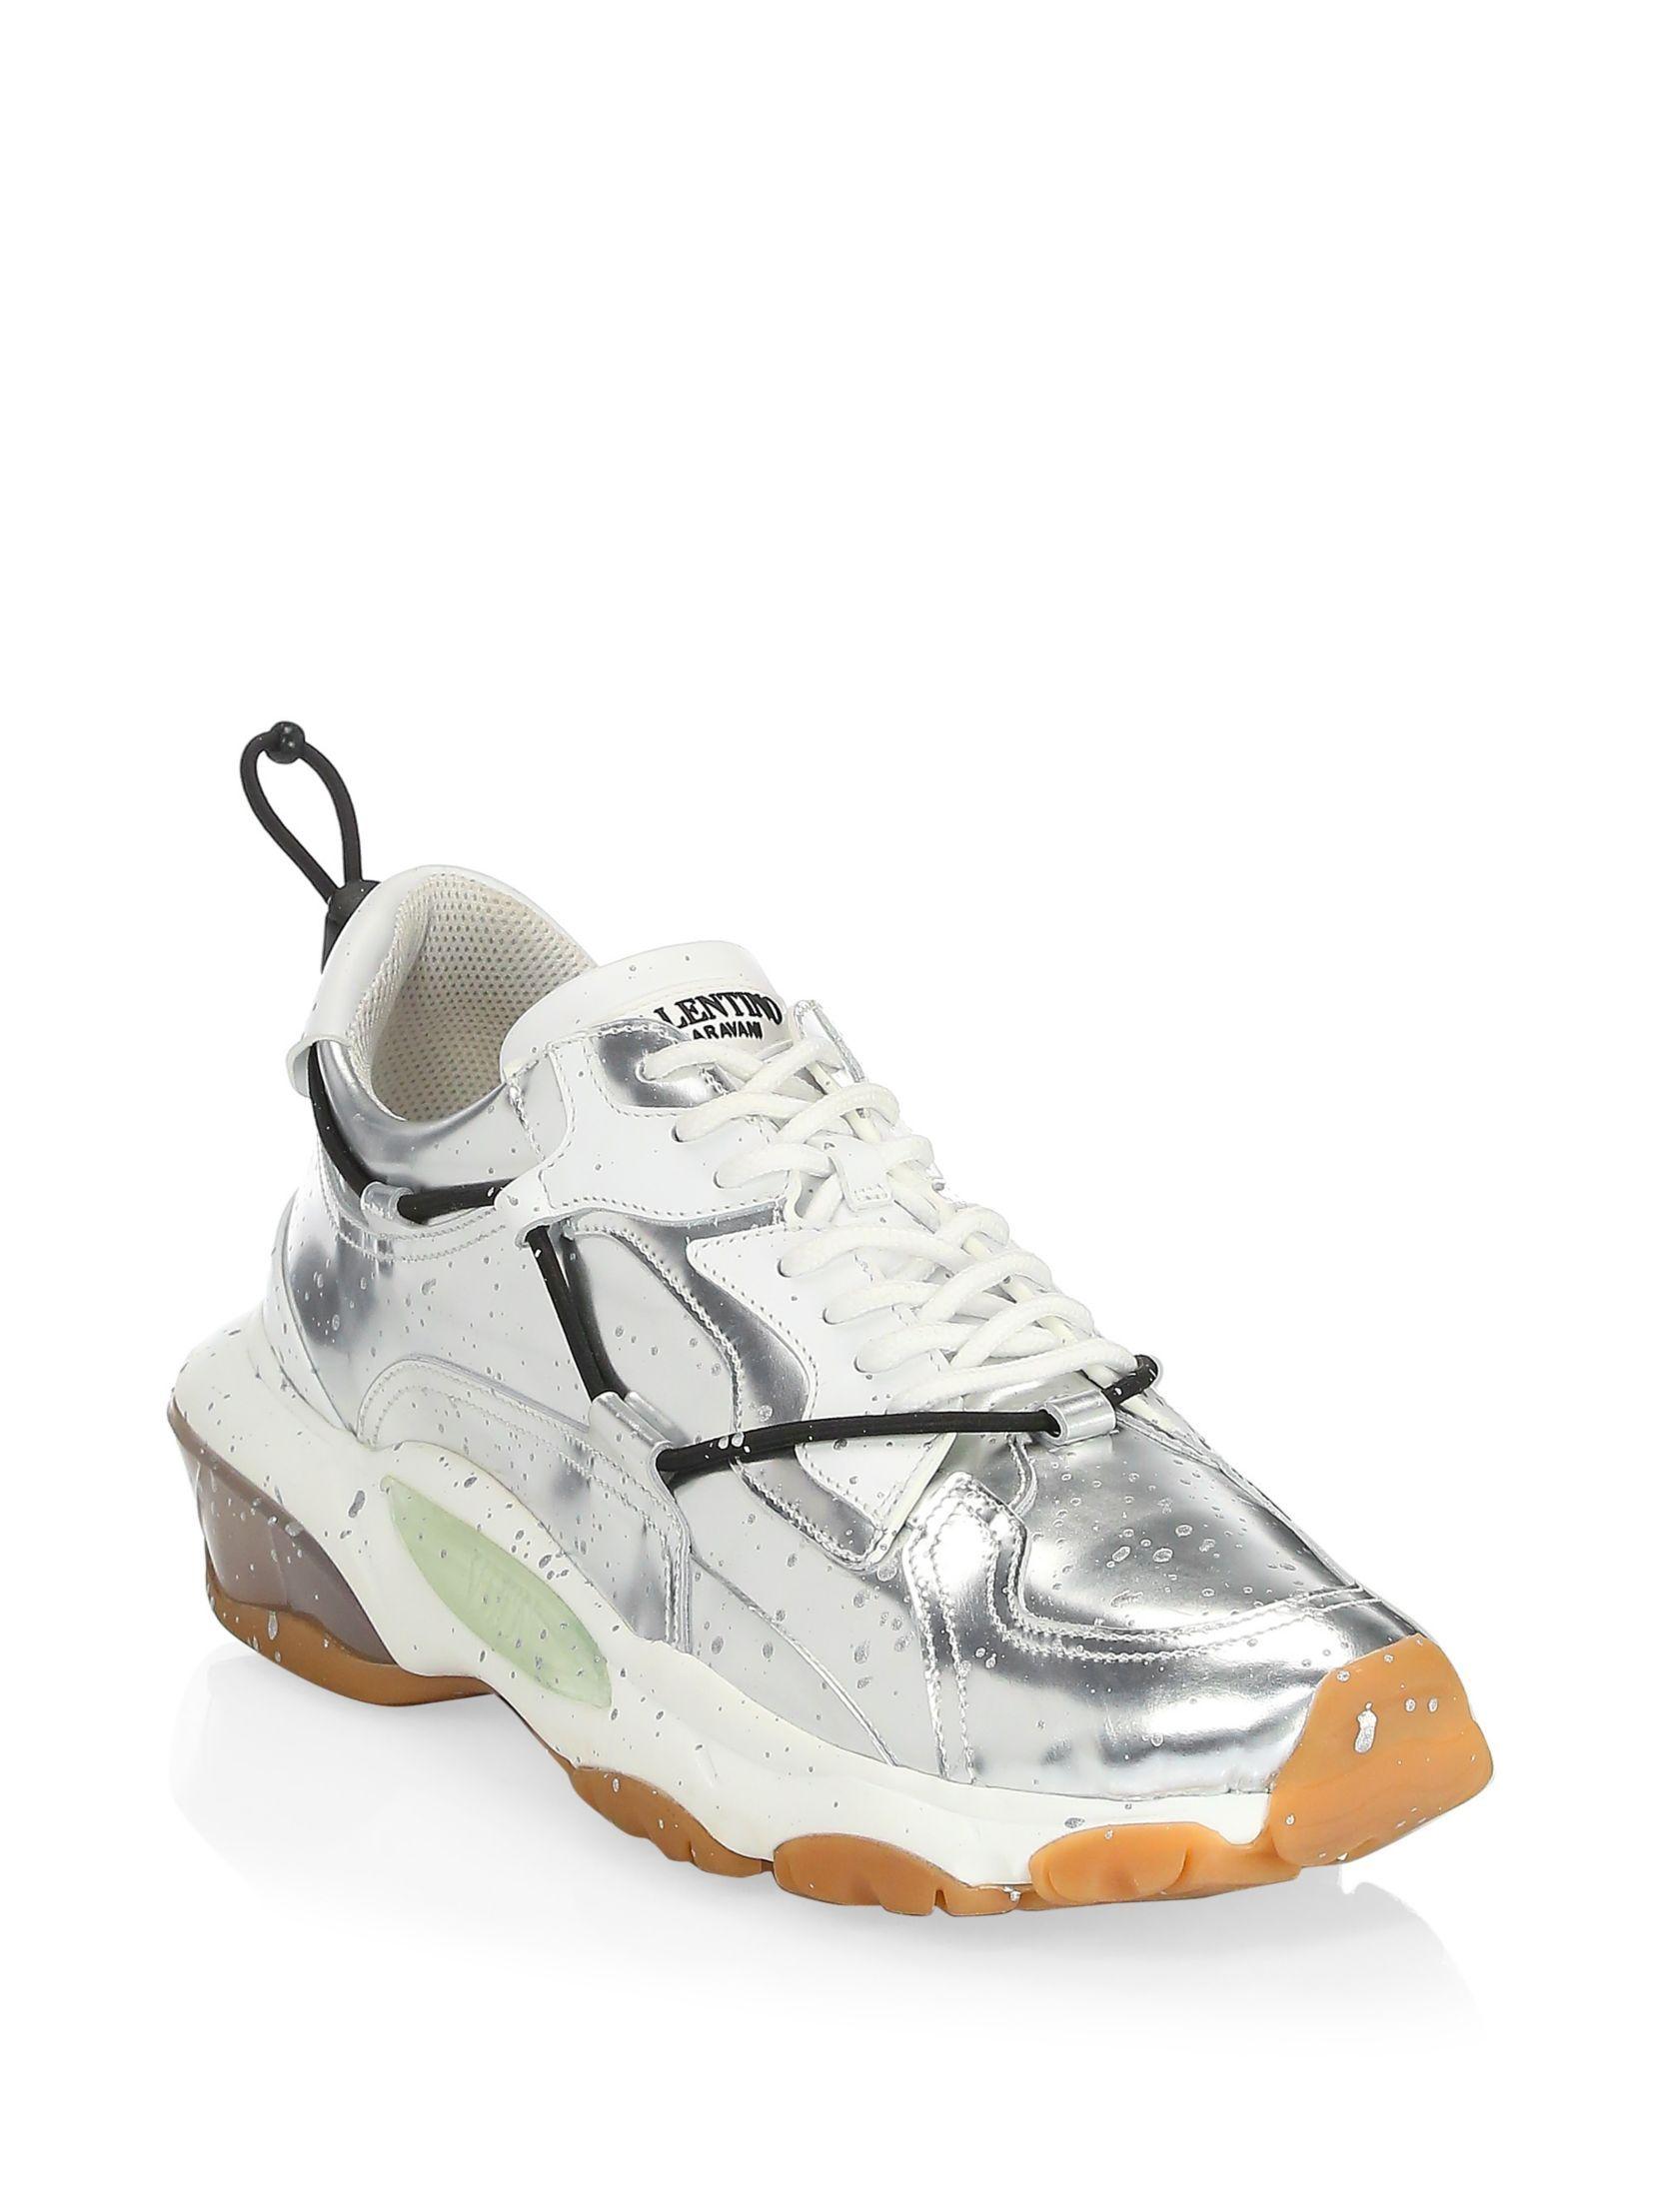 5d0d9c06de6c5 Valentino Garavani Metallic Splatter Bounce Sneakers | Shoes ...